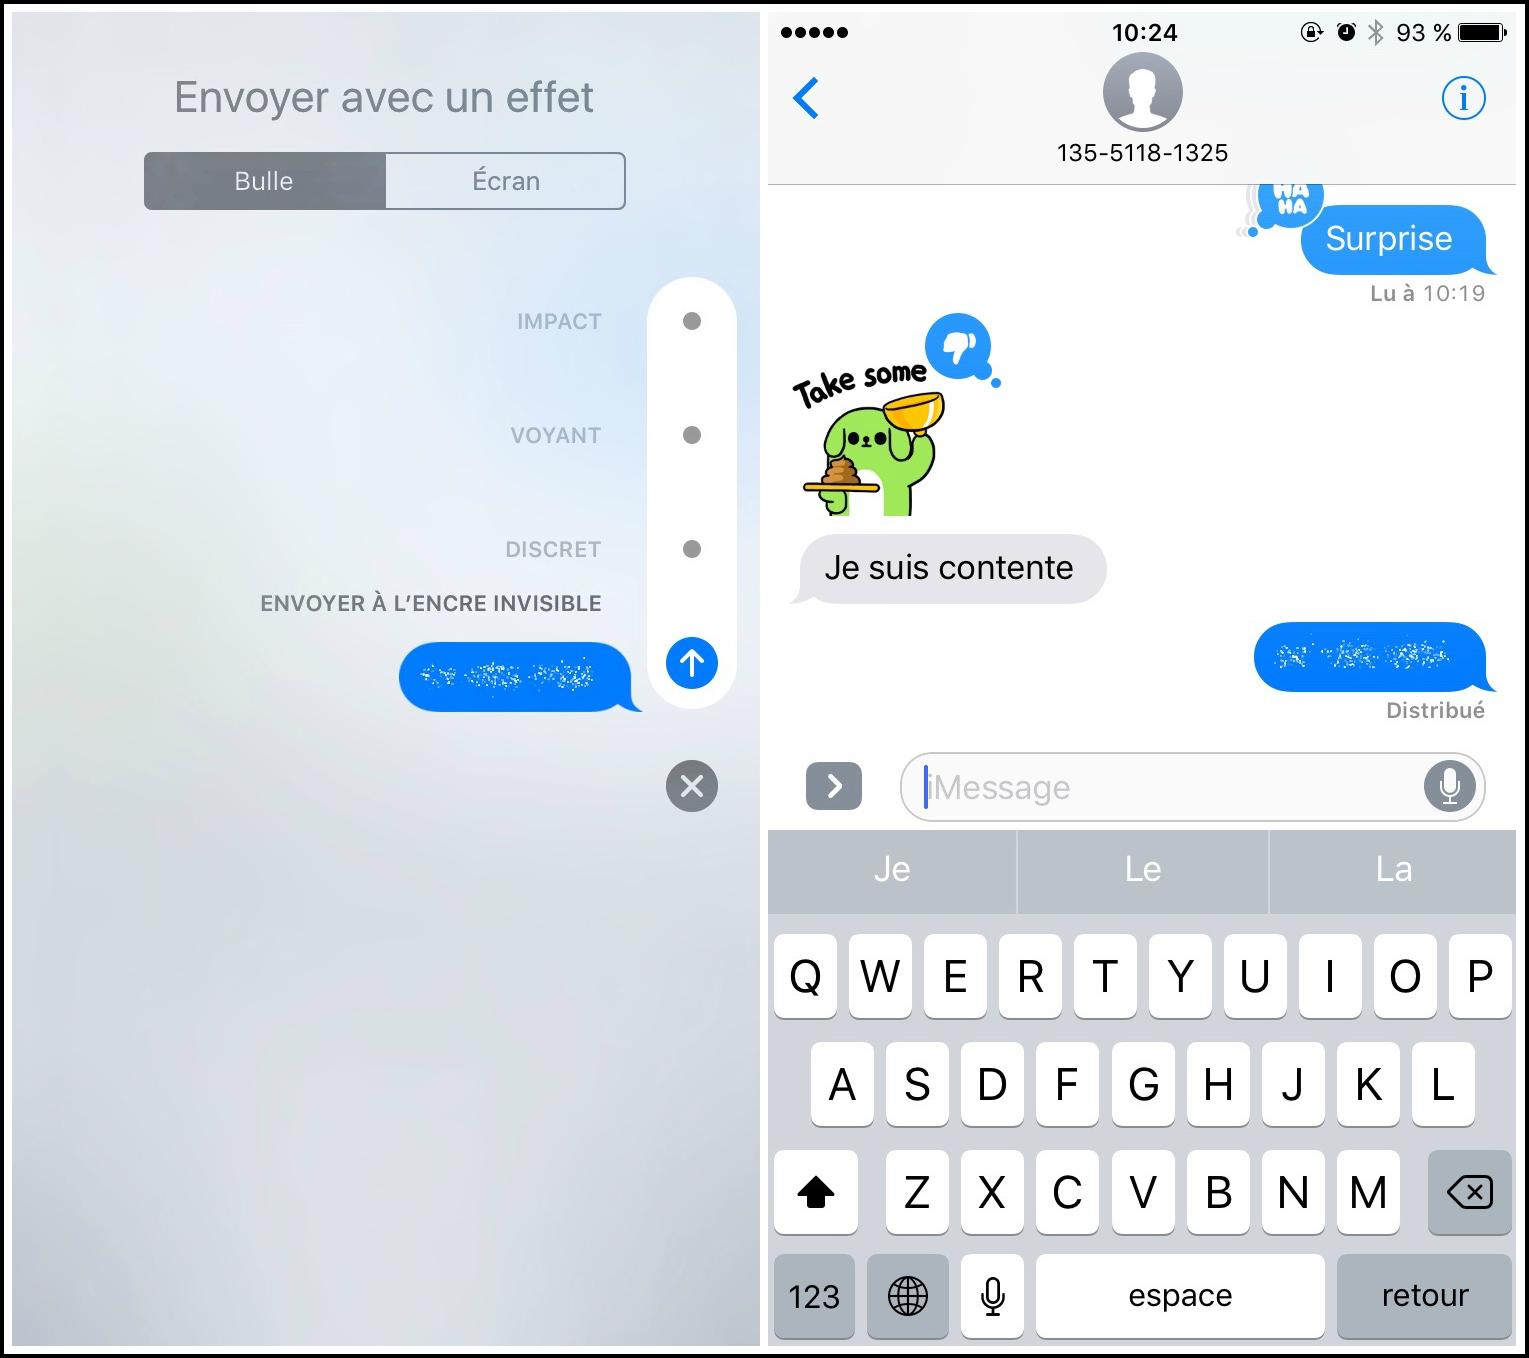 couleurs et frappant nombreux dans la variété réflexions sur iOS 11 : Comment envoyer iMessages avec effet de bulle ...